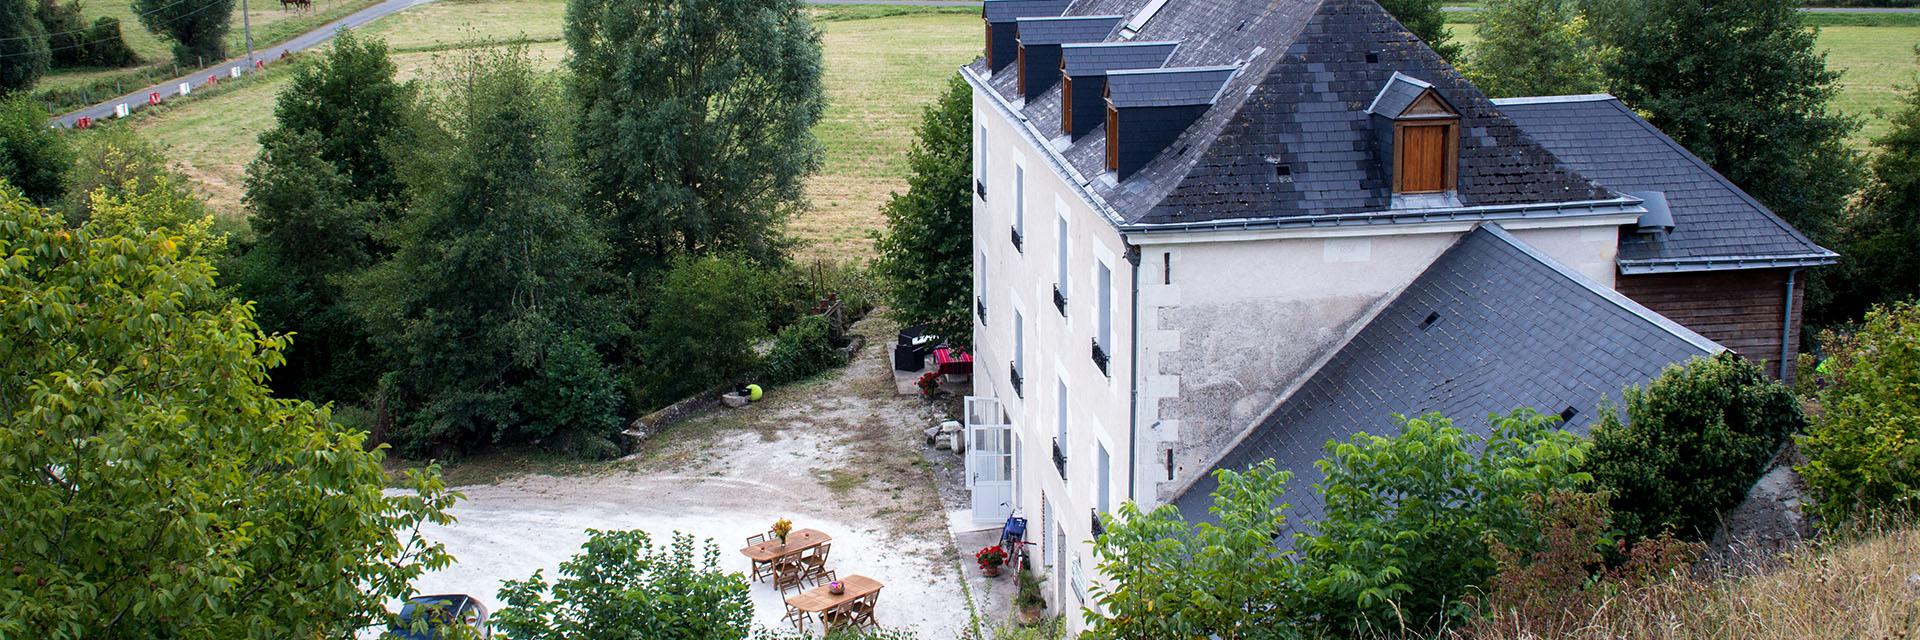 Village_club_vacances_centre-loire-et-bourgogne-la-saulaie-exterier-maison